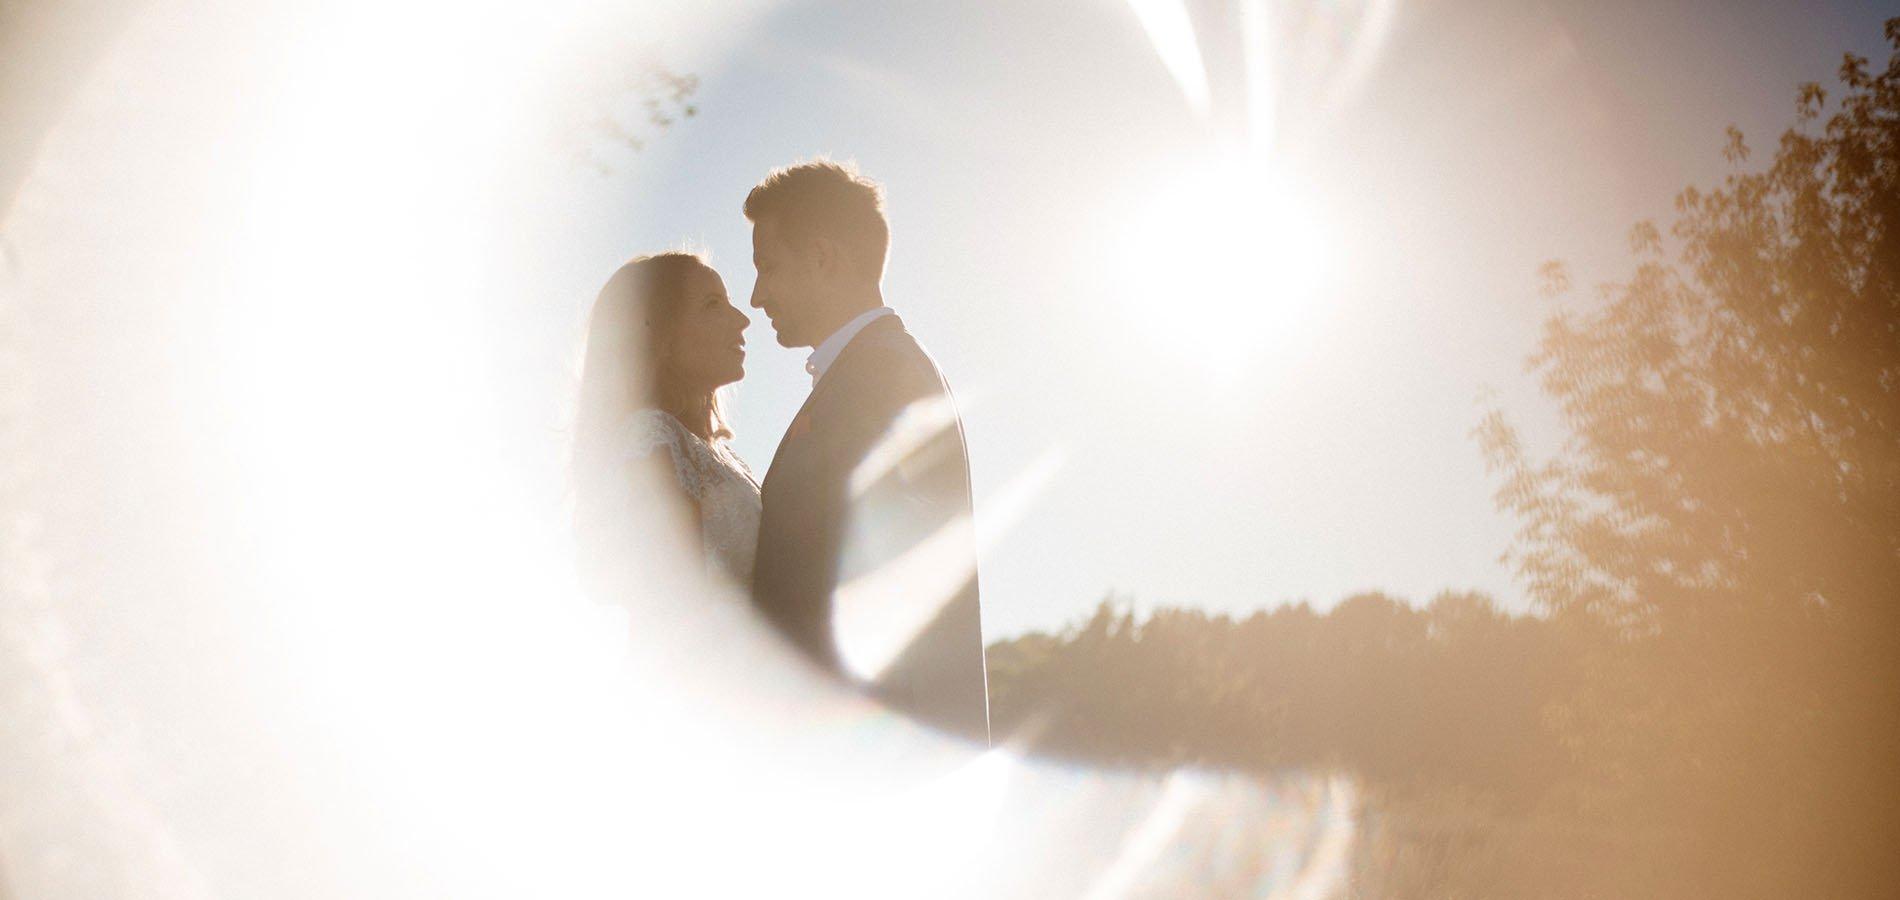 Hochzeit-foto-kreativ-stimmung-gegenlicht